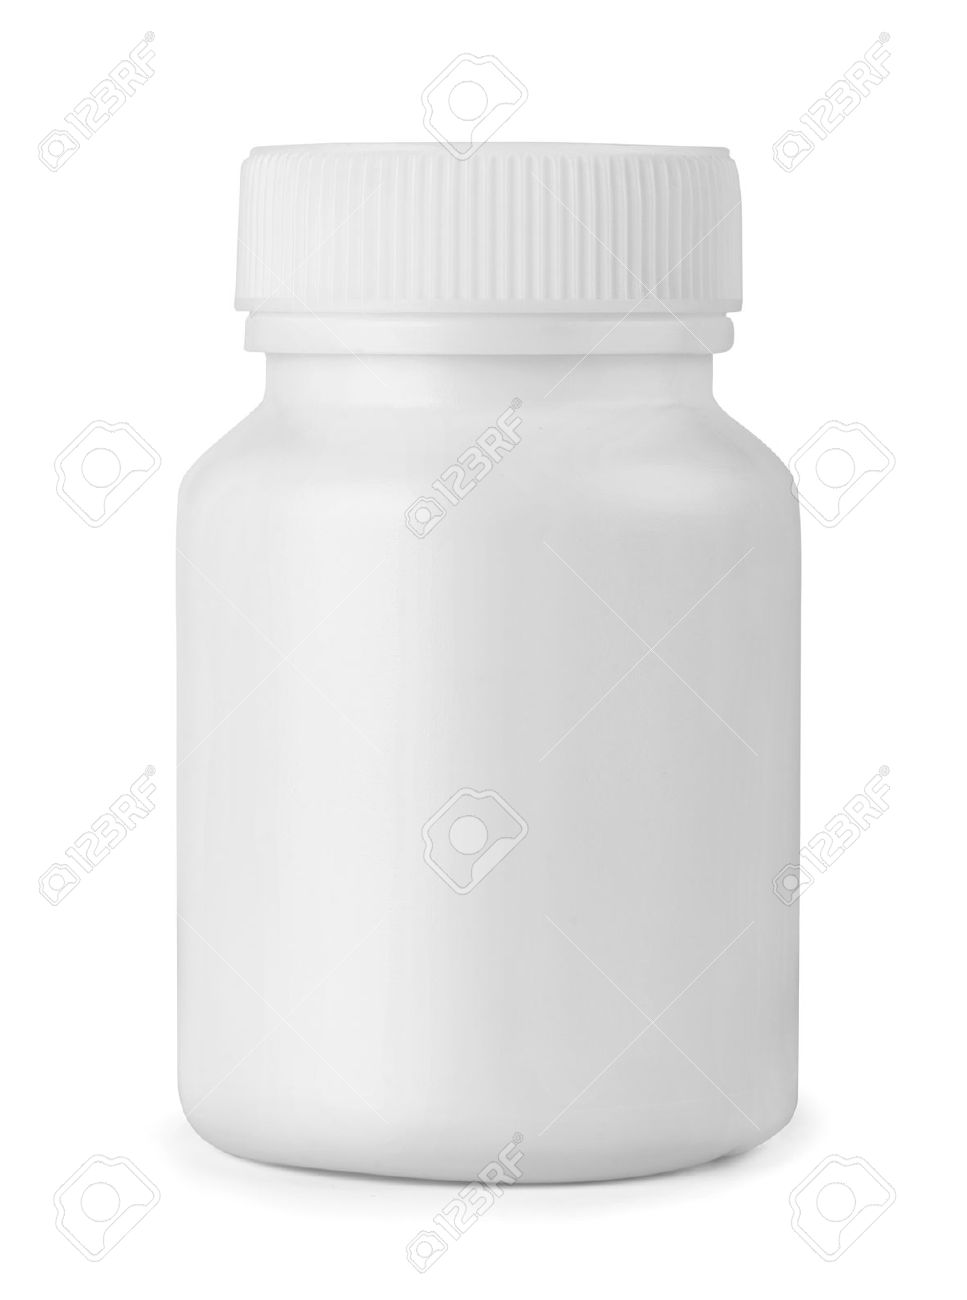 White plastic medicine bottle isolated on white Stock Photo - 17043288